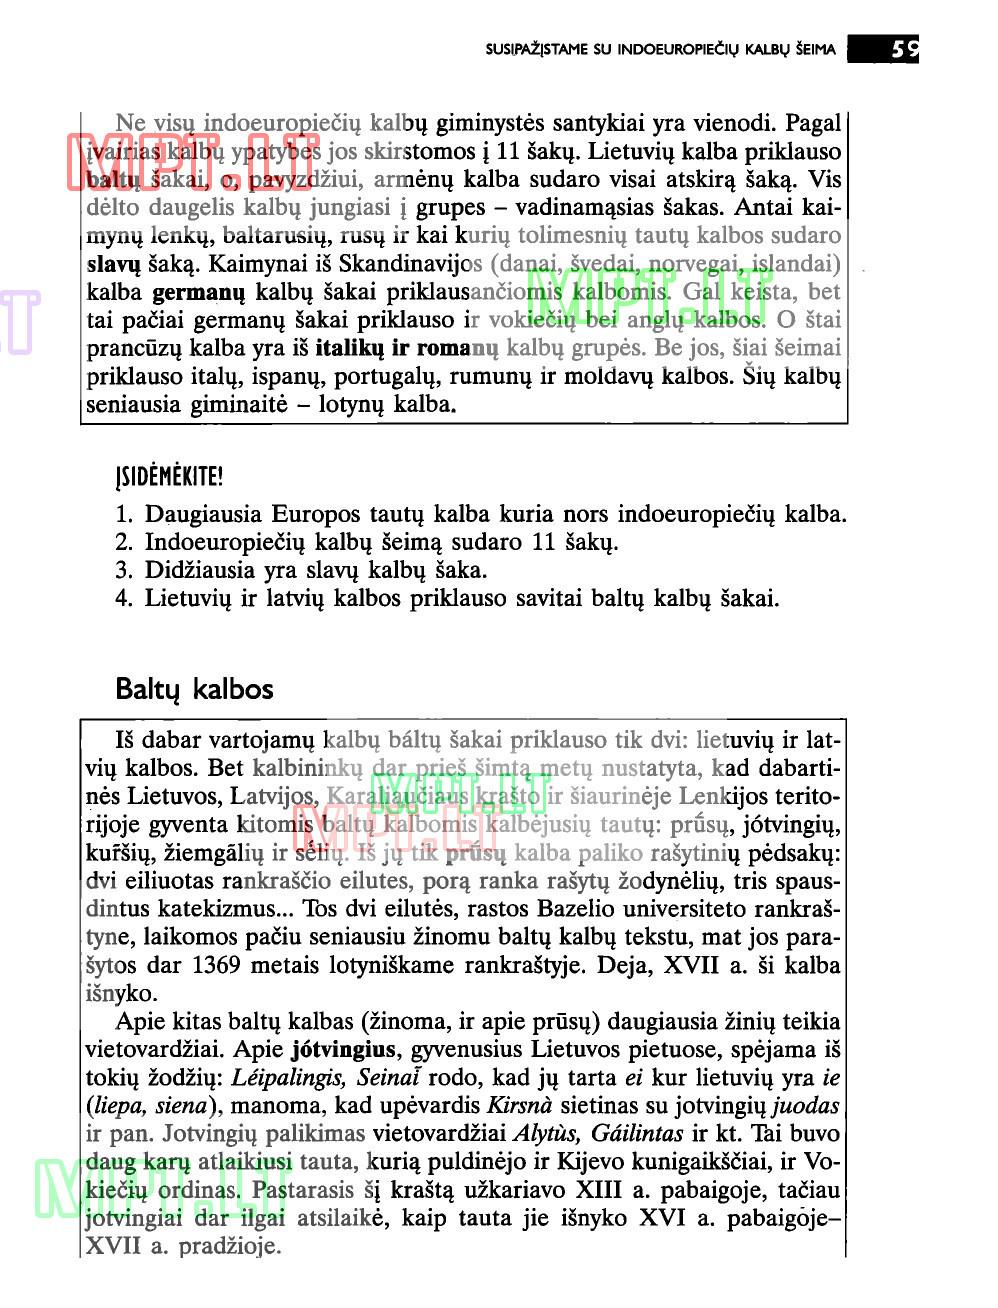 Peržiūrėti puslapį 58